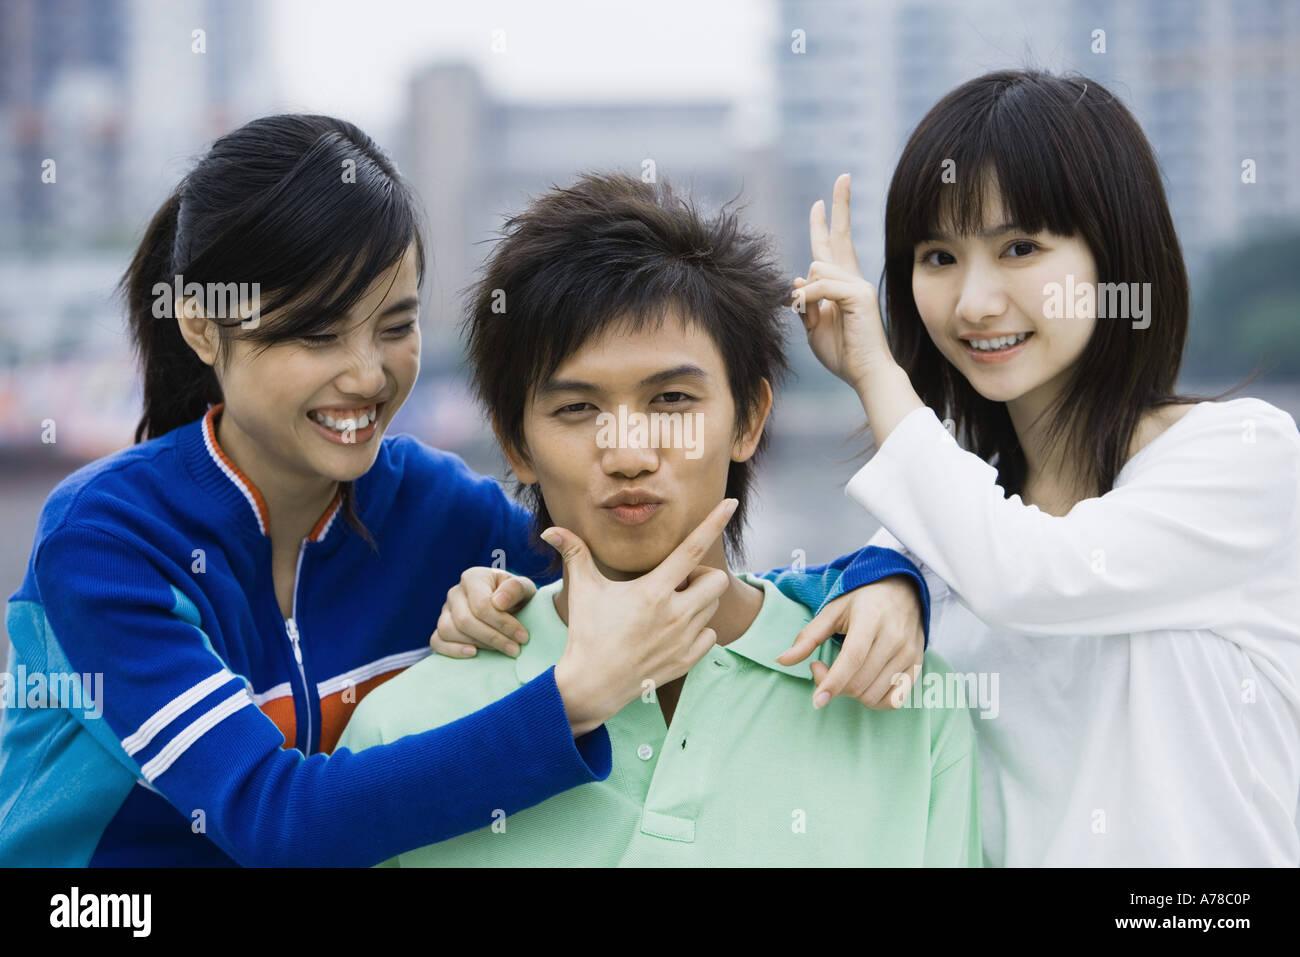 Drei junge Erwachsene Freunde unter verspielte Posen Stockbild